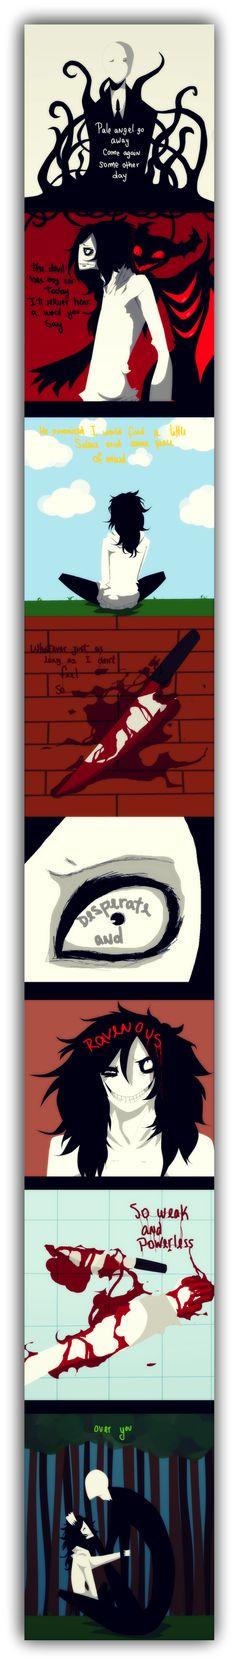 + Weak and Powerless + by xDestroyerPudinx.deviantart.com on @deviantART